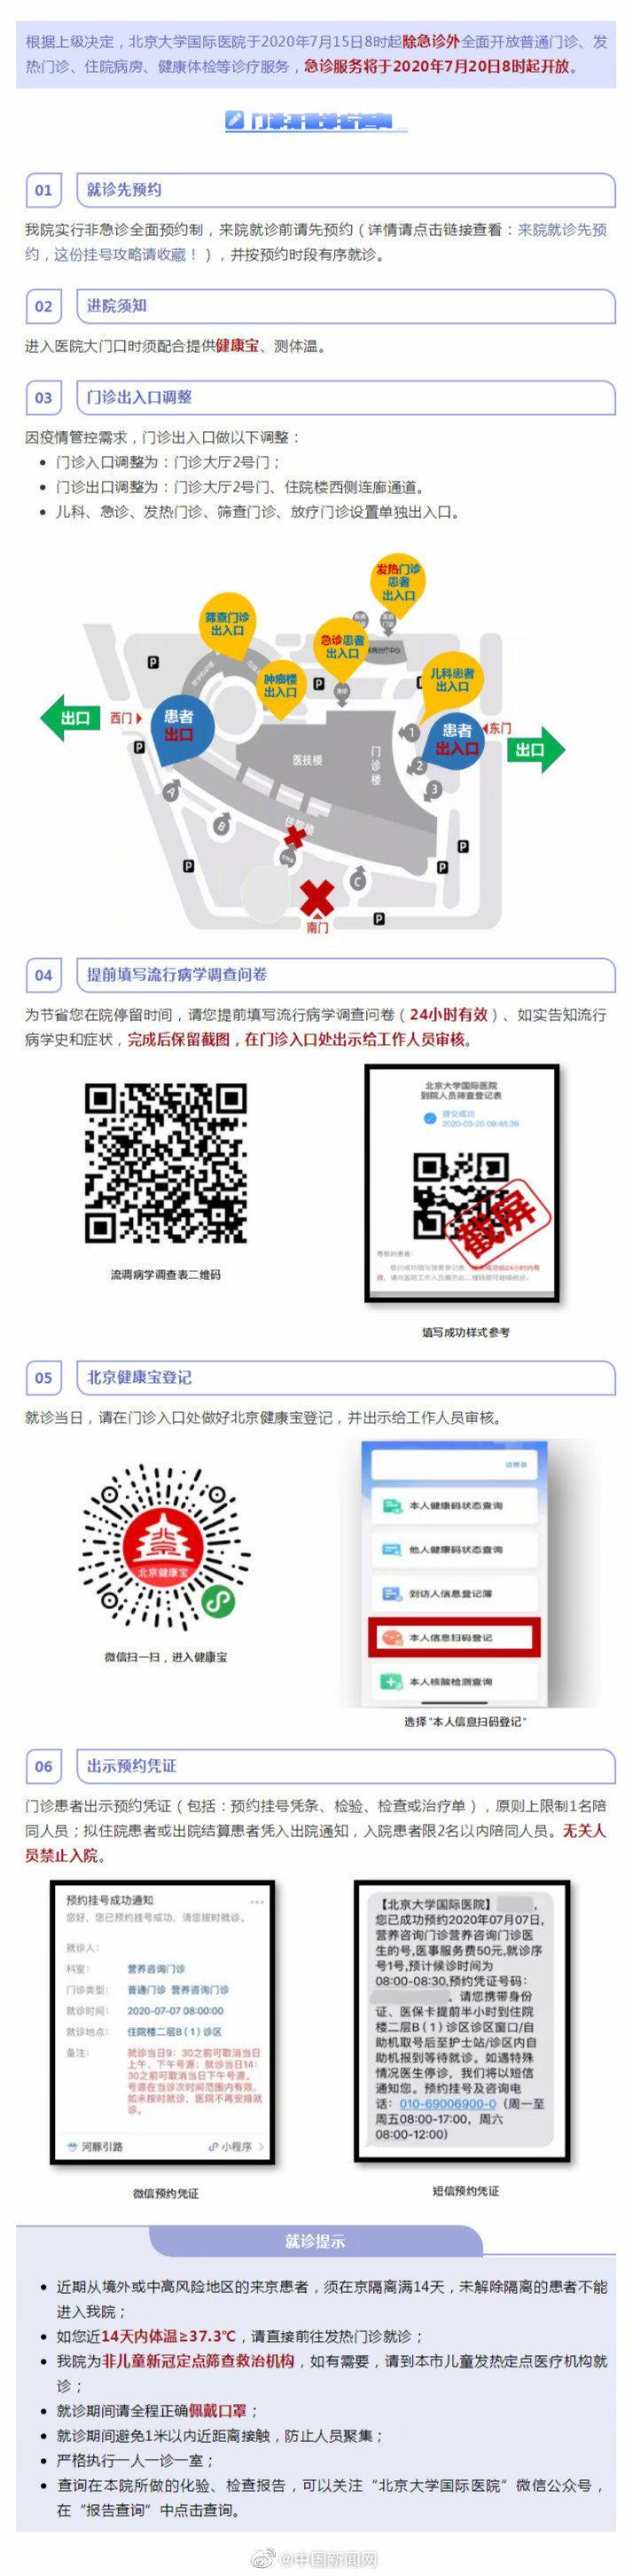 除急诊外,北京大学国际医院15日8时起开放